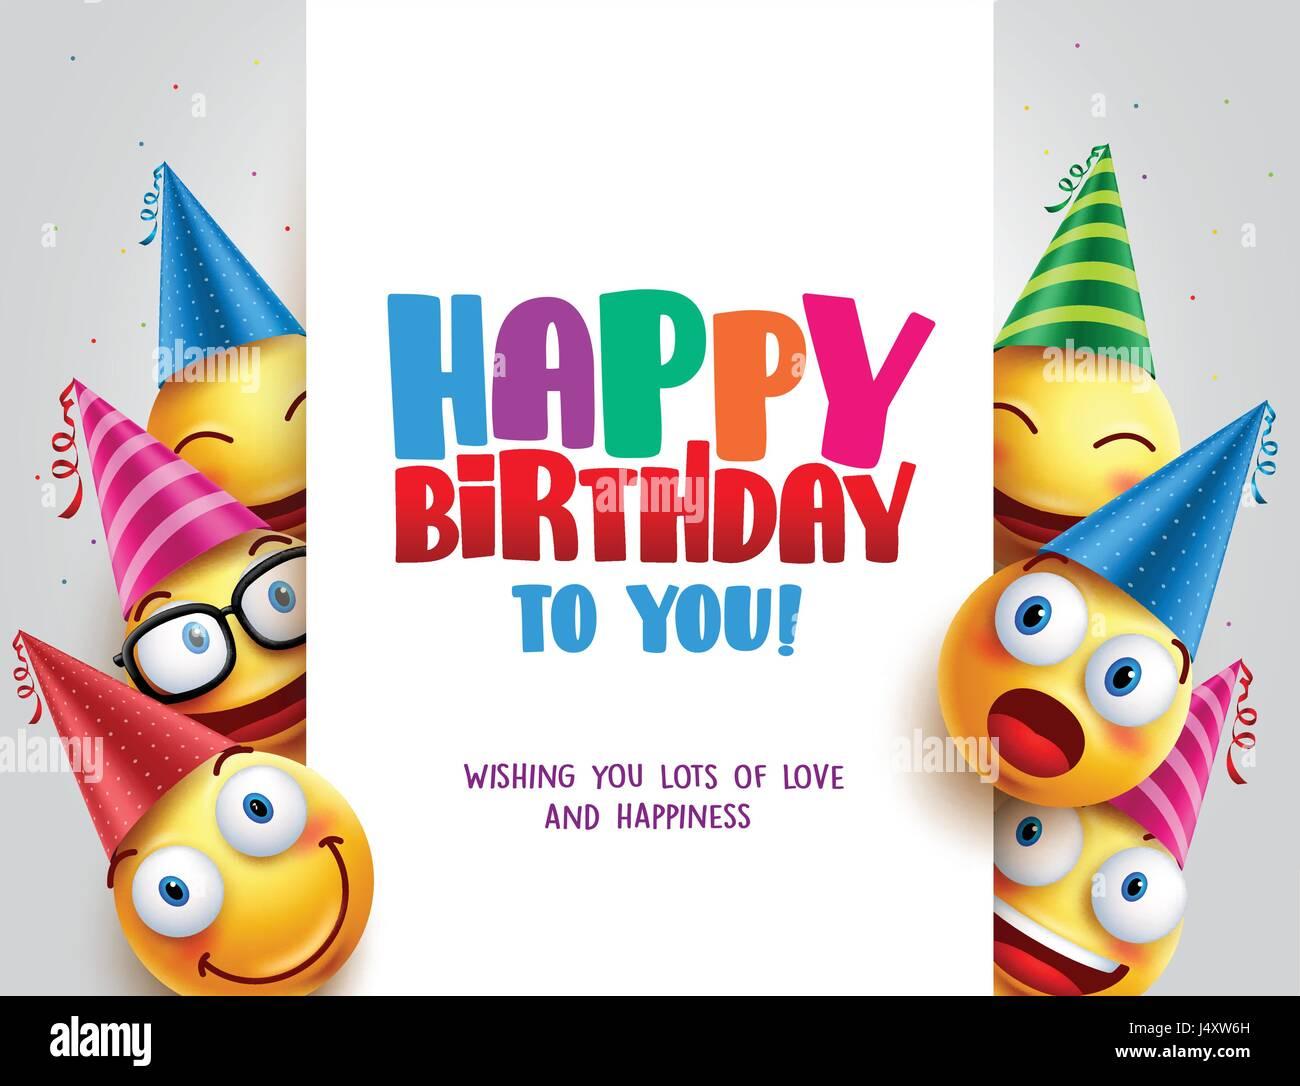 Alles Gute Zum Geburtstag Vektor Design Mit Smileys Geburtstag Hut